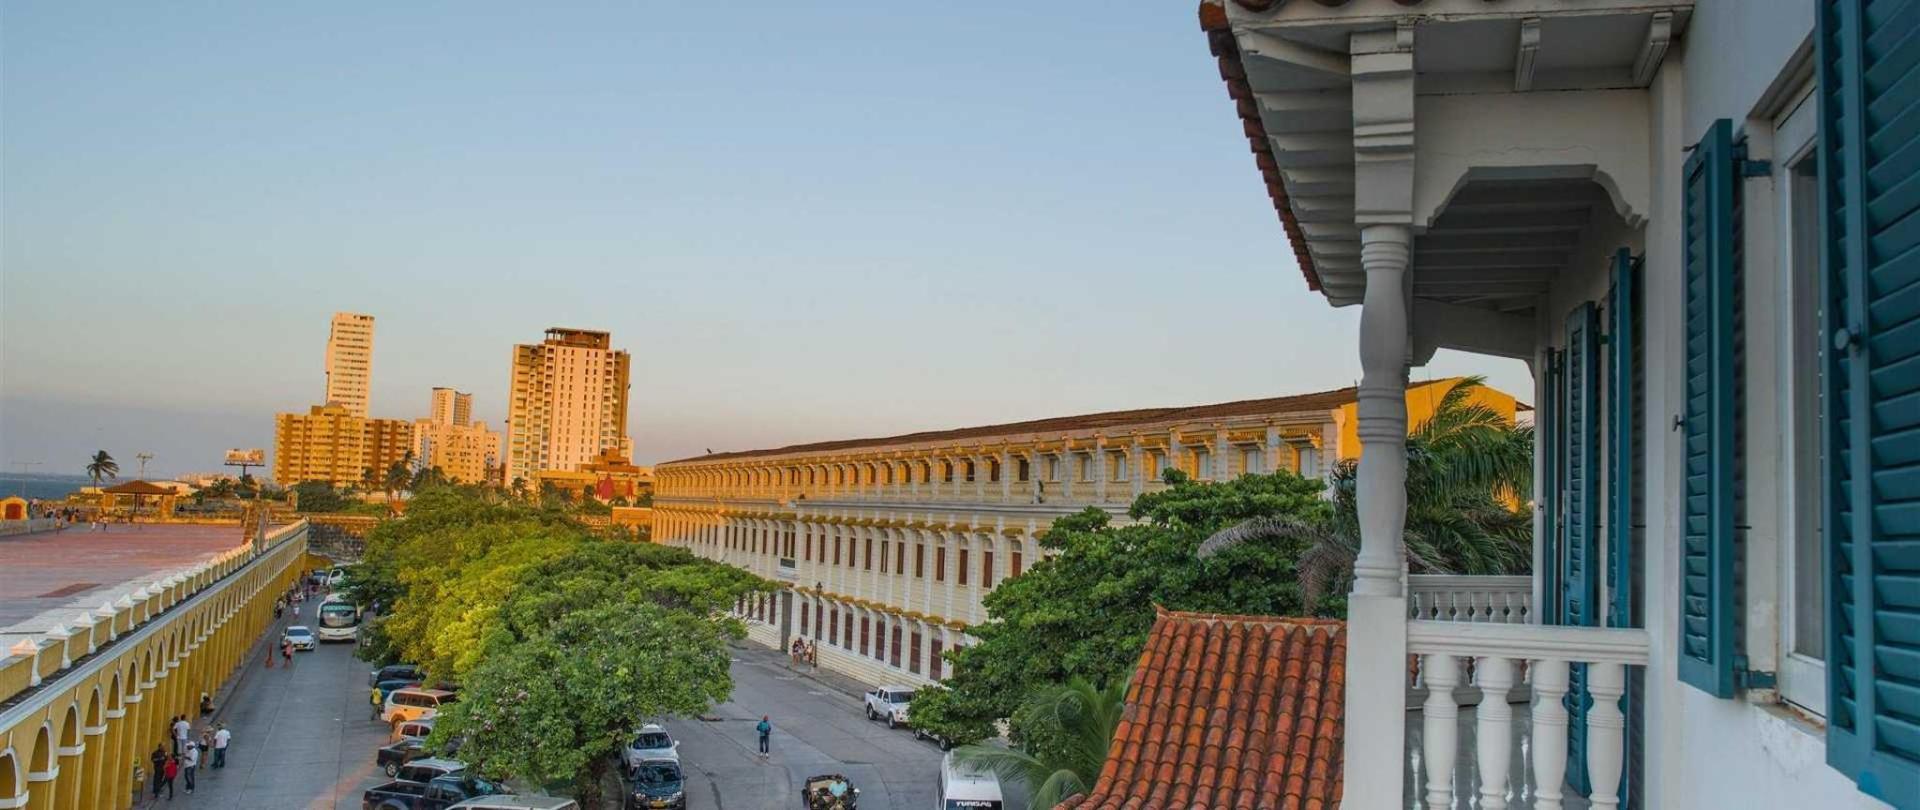 Bóvedas de Santa Clara terraza.jpg